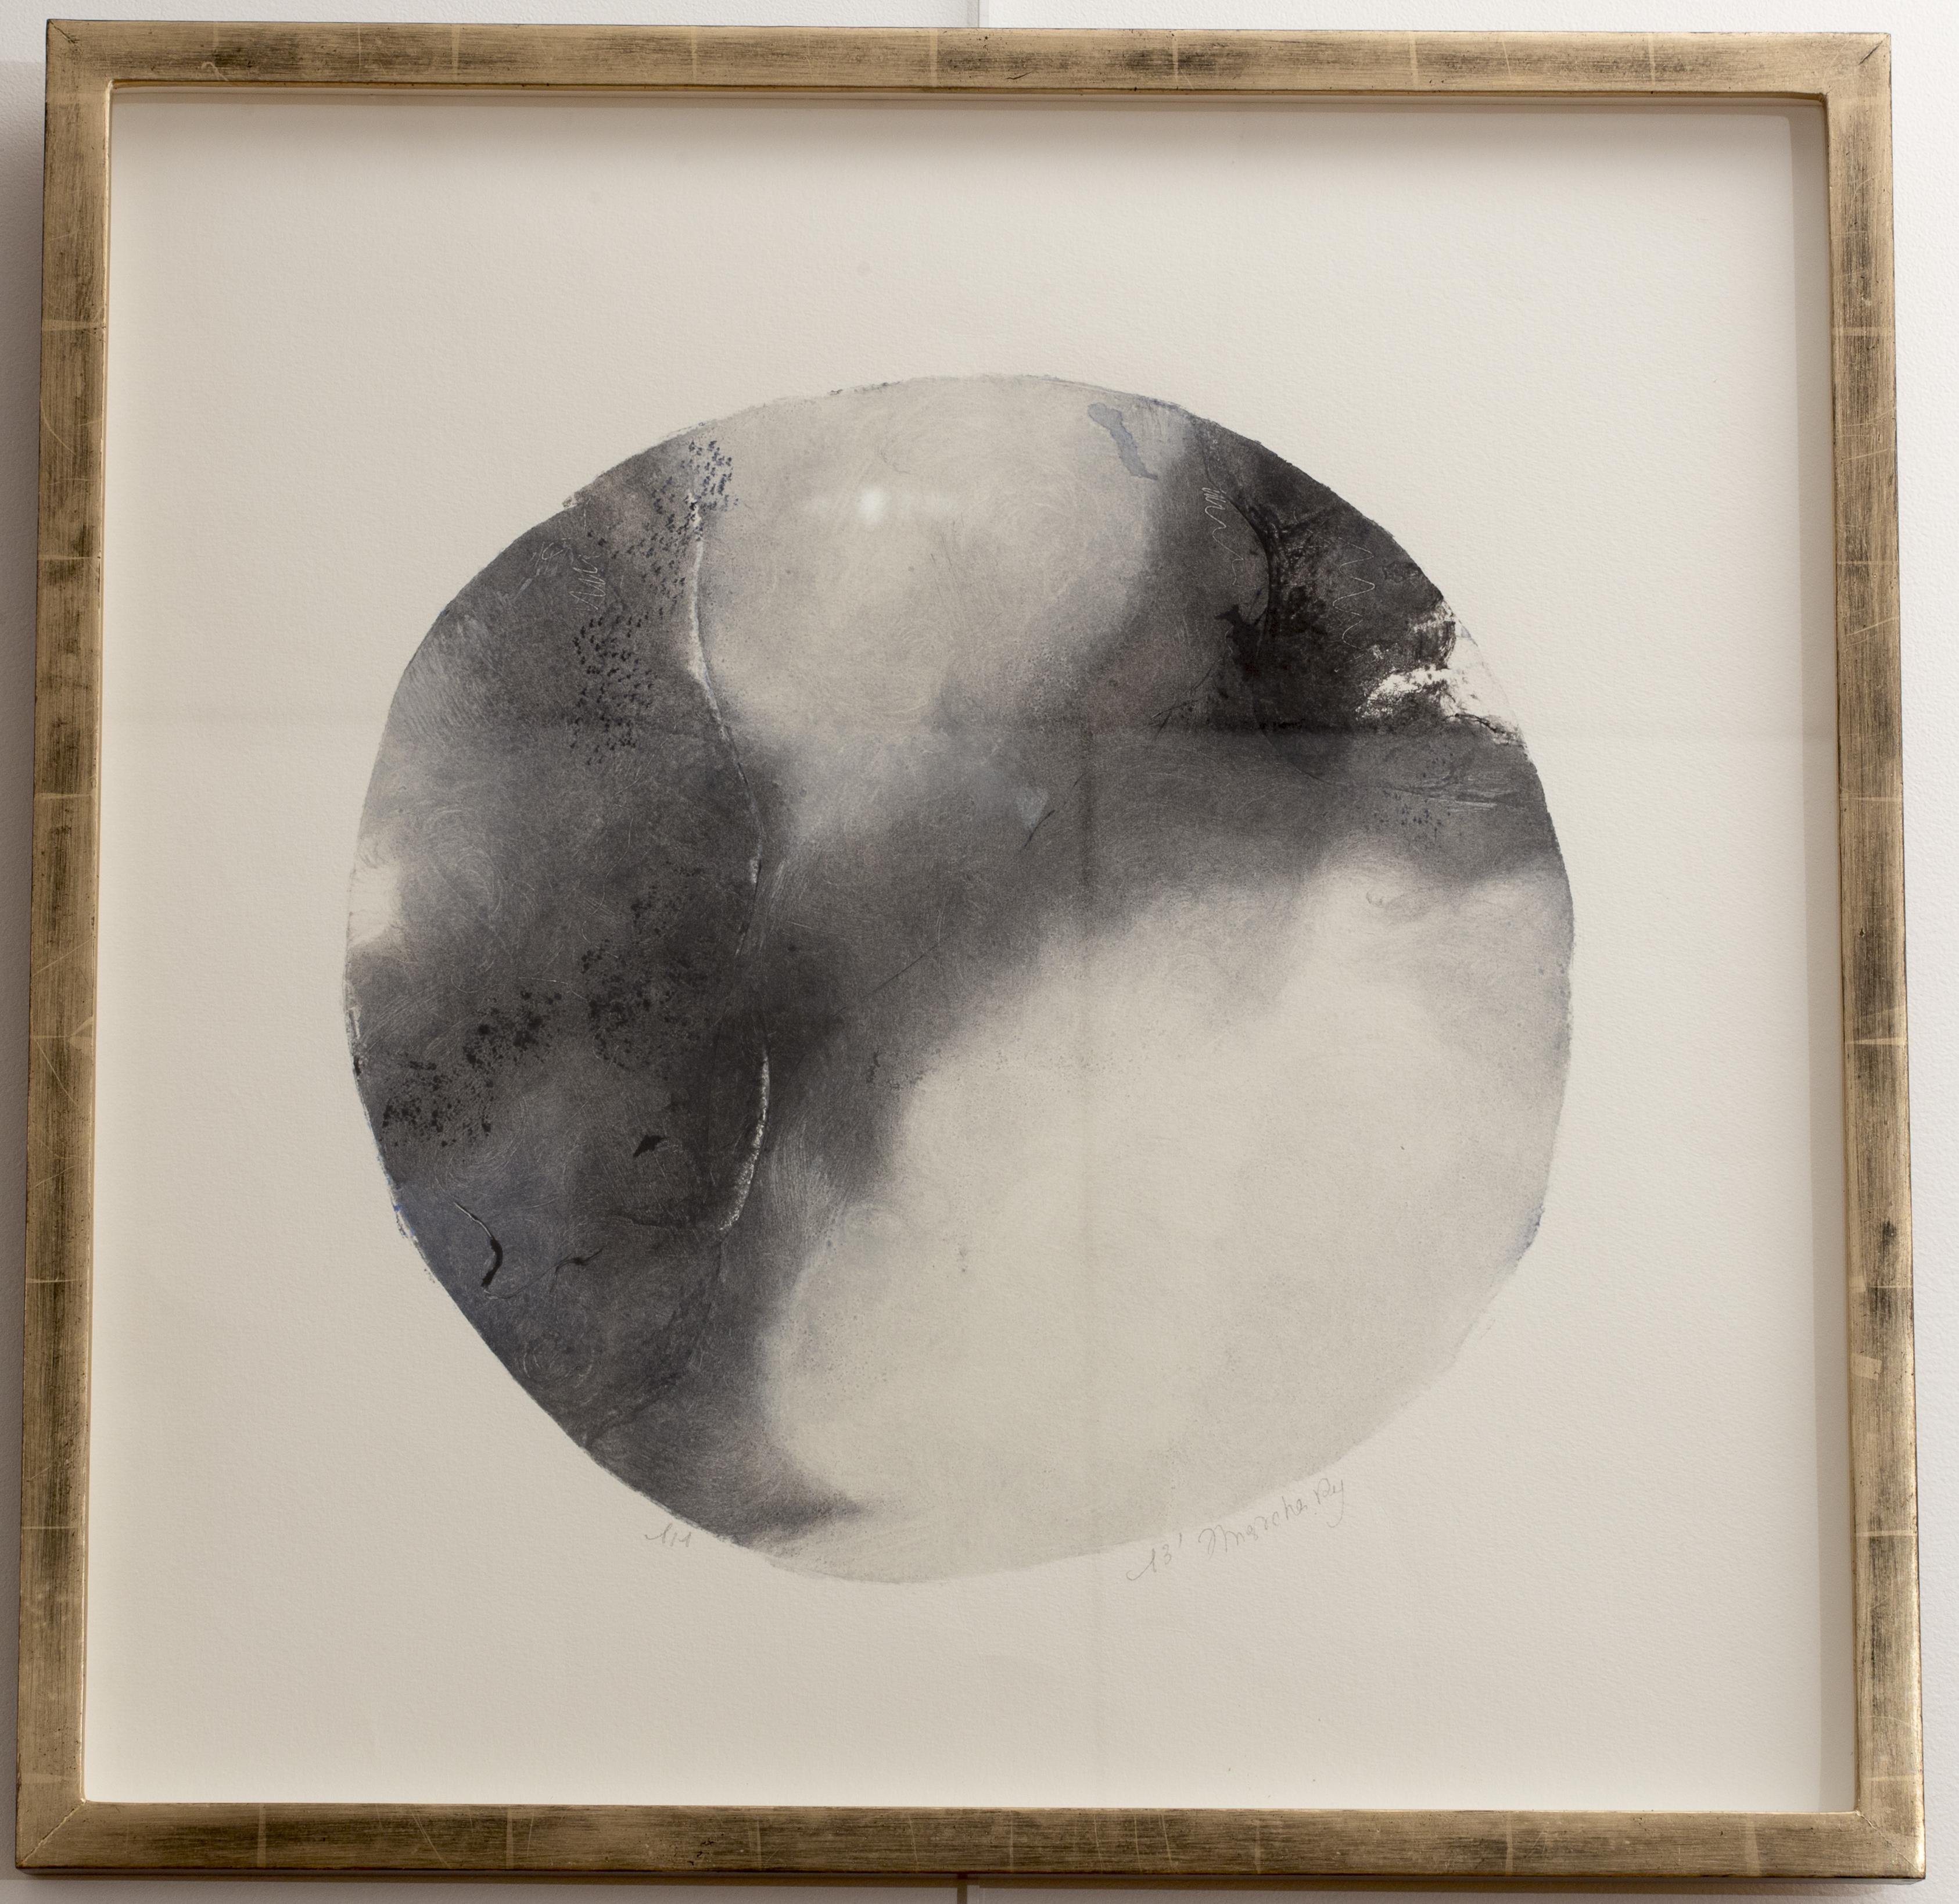 Paysages et vues-4, 2013-2014